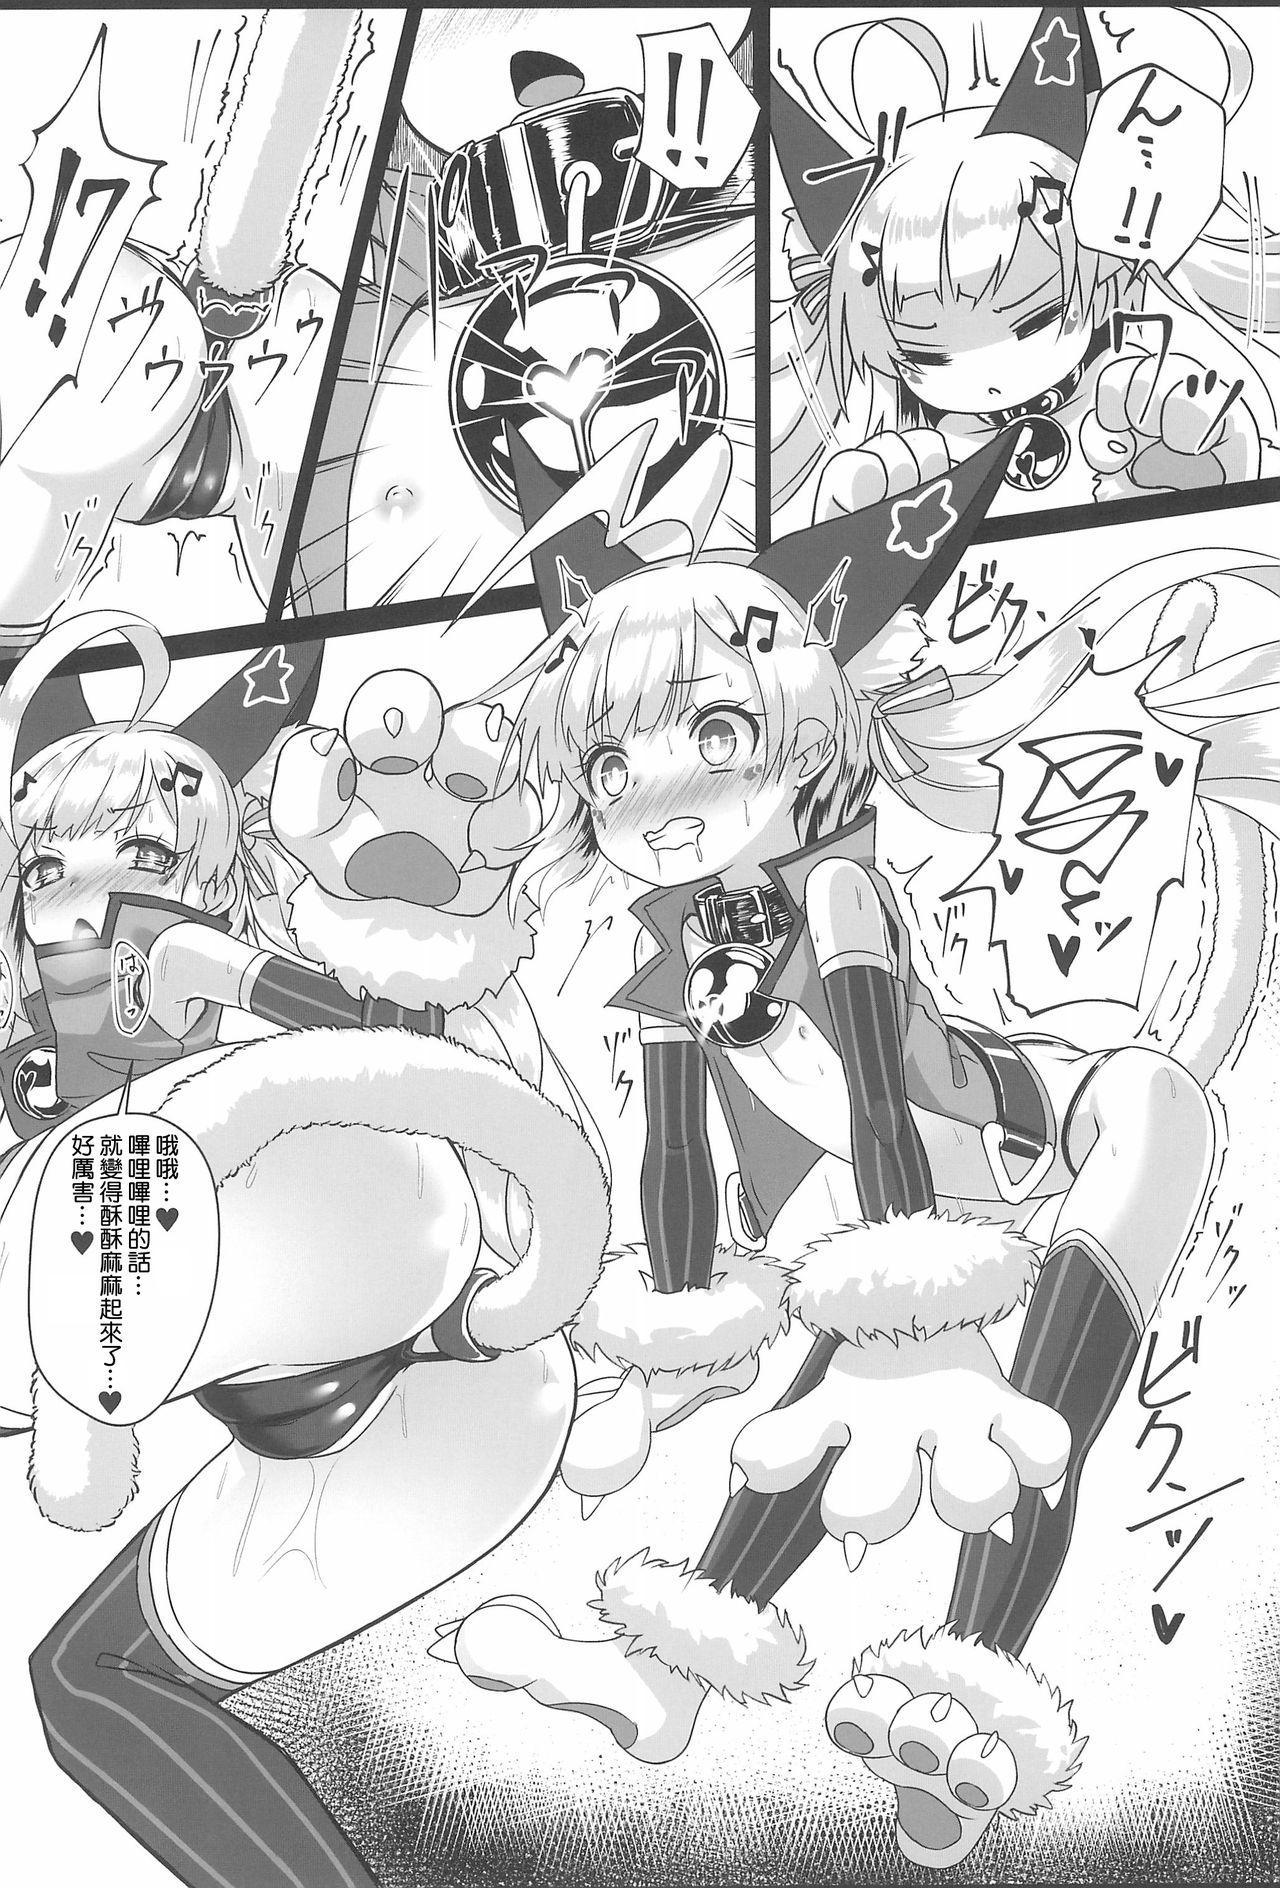 Shikikan... Mite Mite Pako-pako Dekiru yo? 10